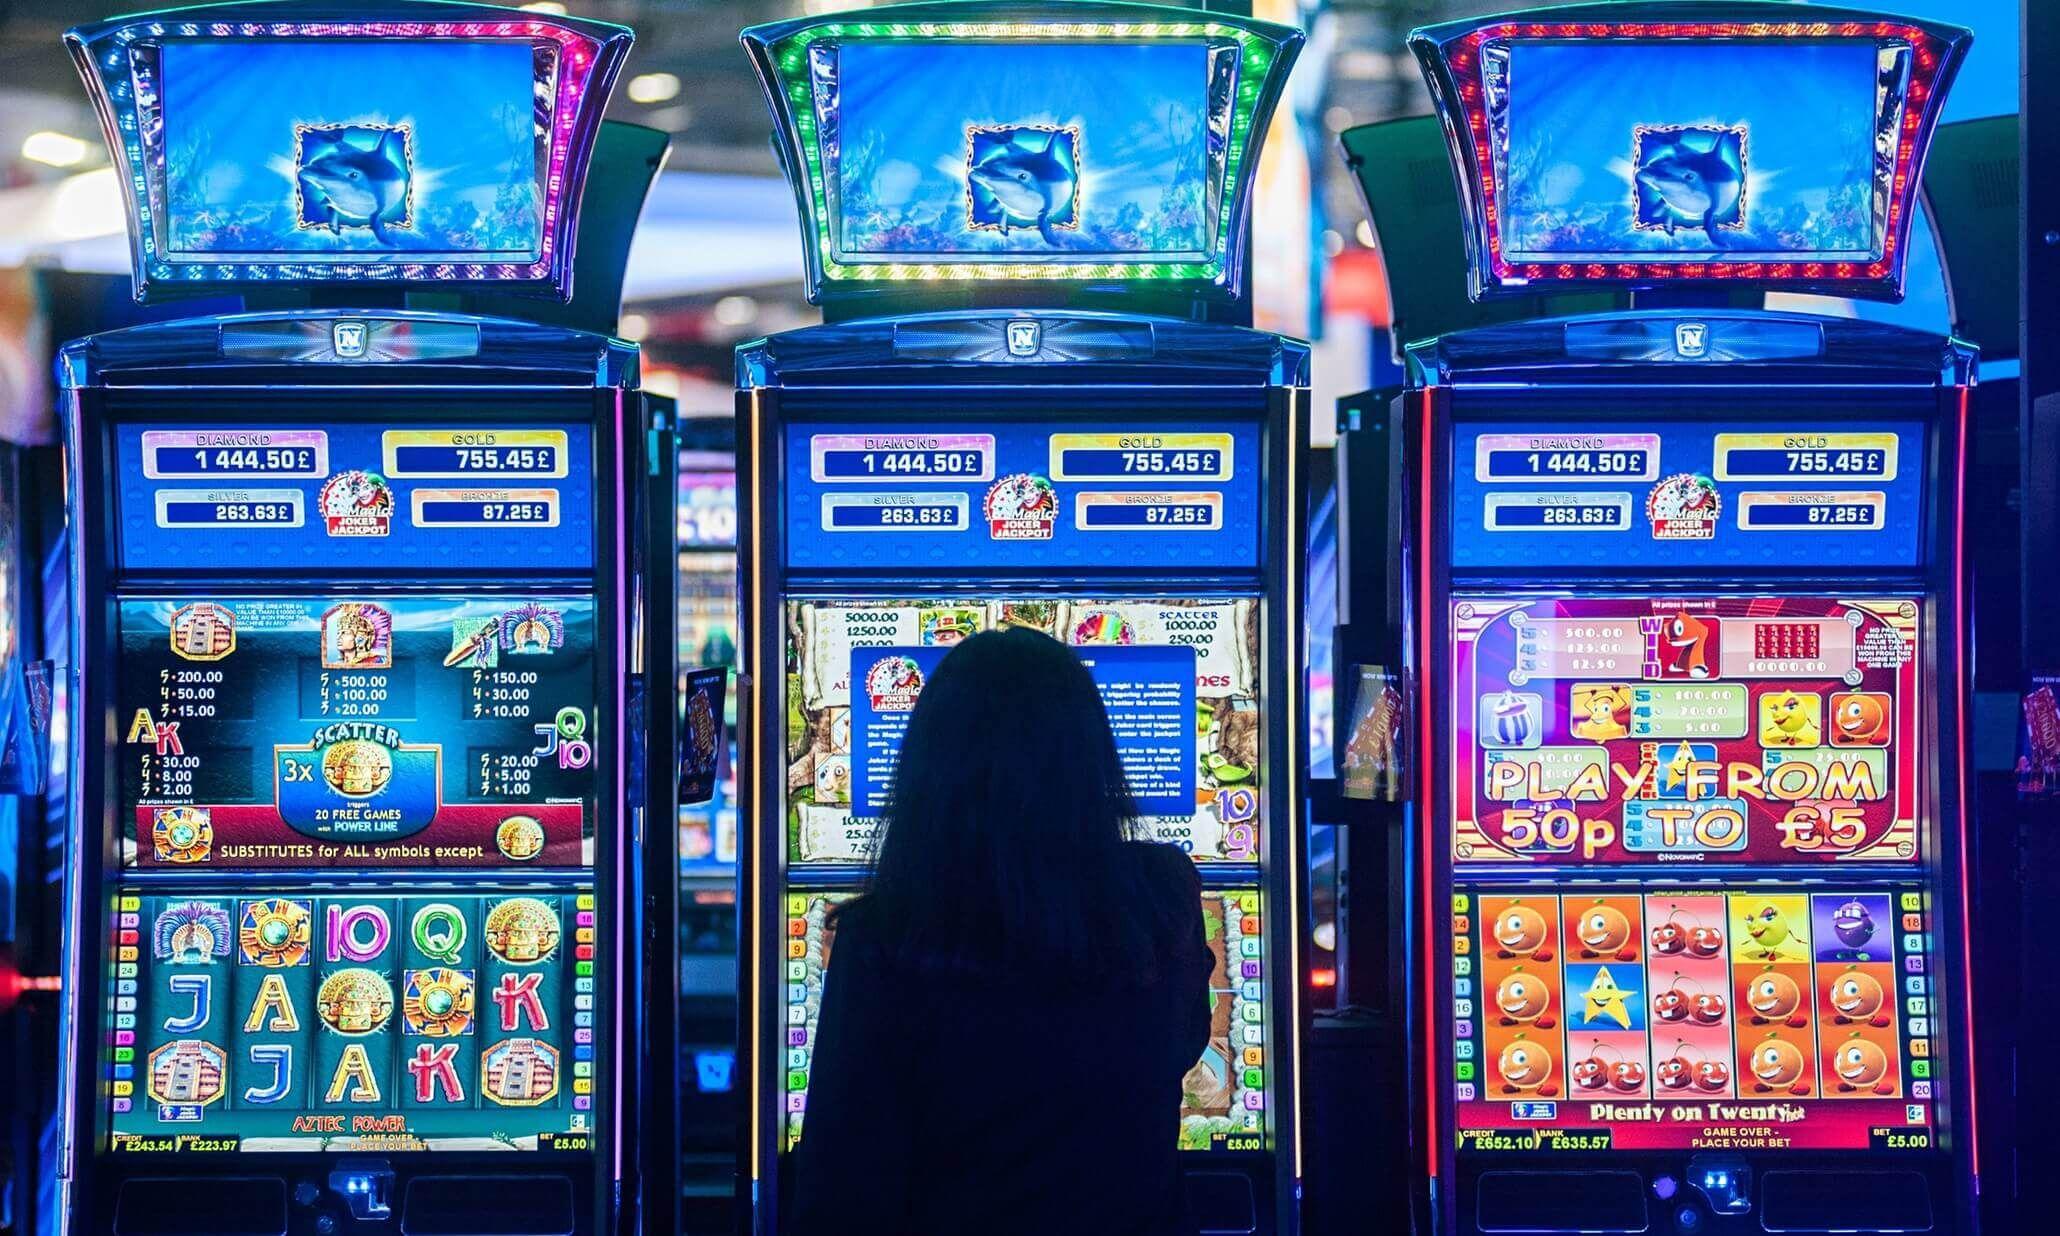 Скачать игровые автоматы гладиаторы бесплатно можно ли играть в карты в тайланде